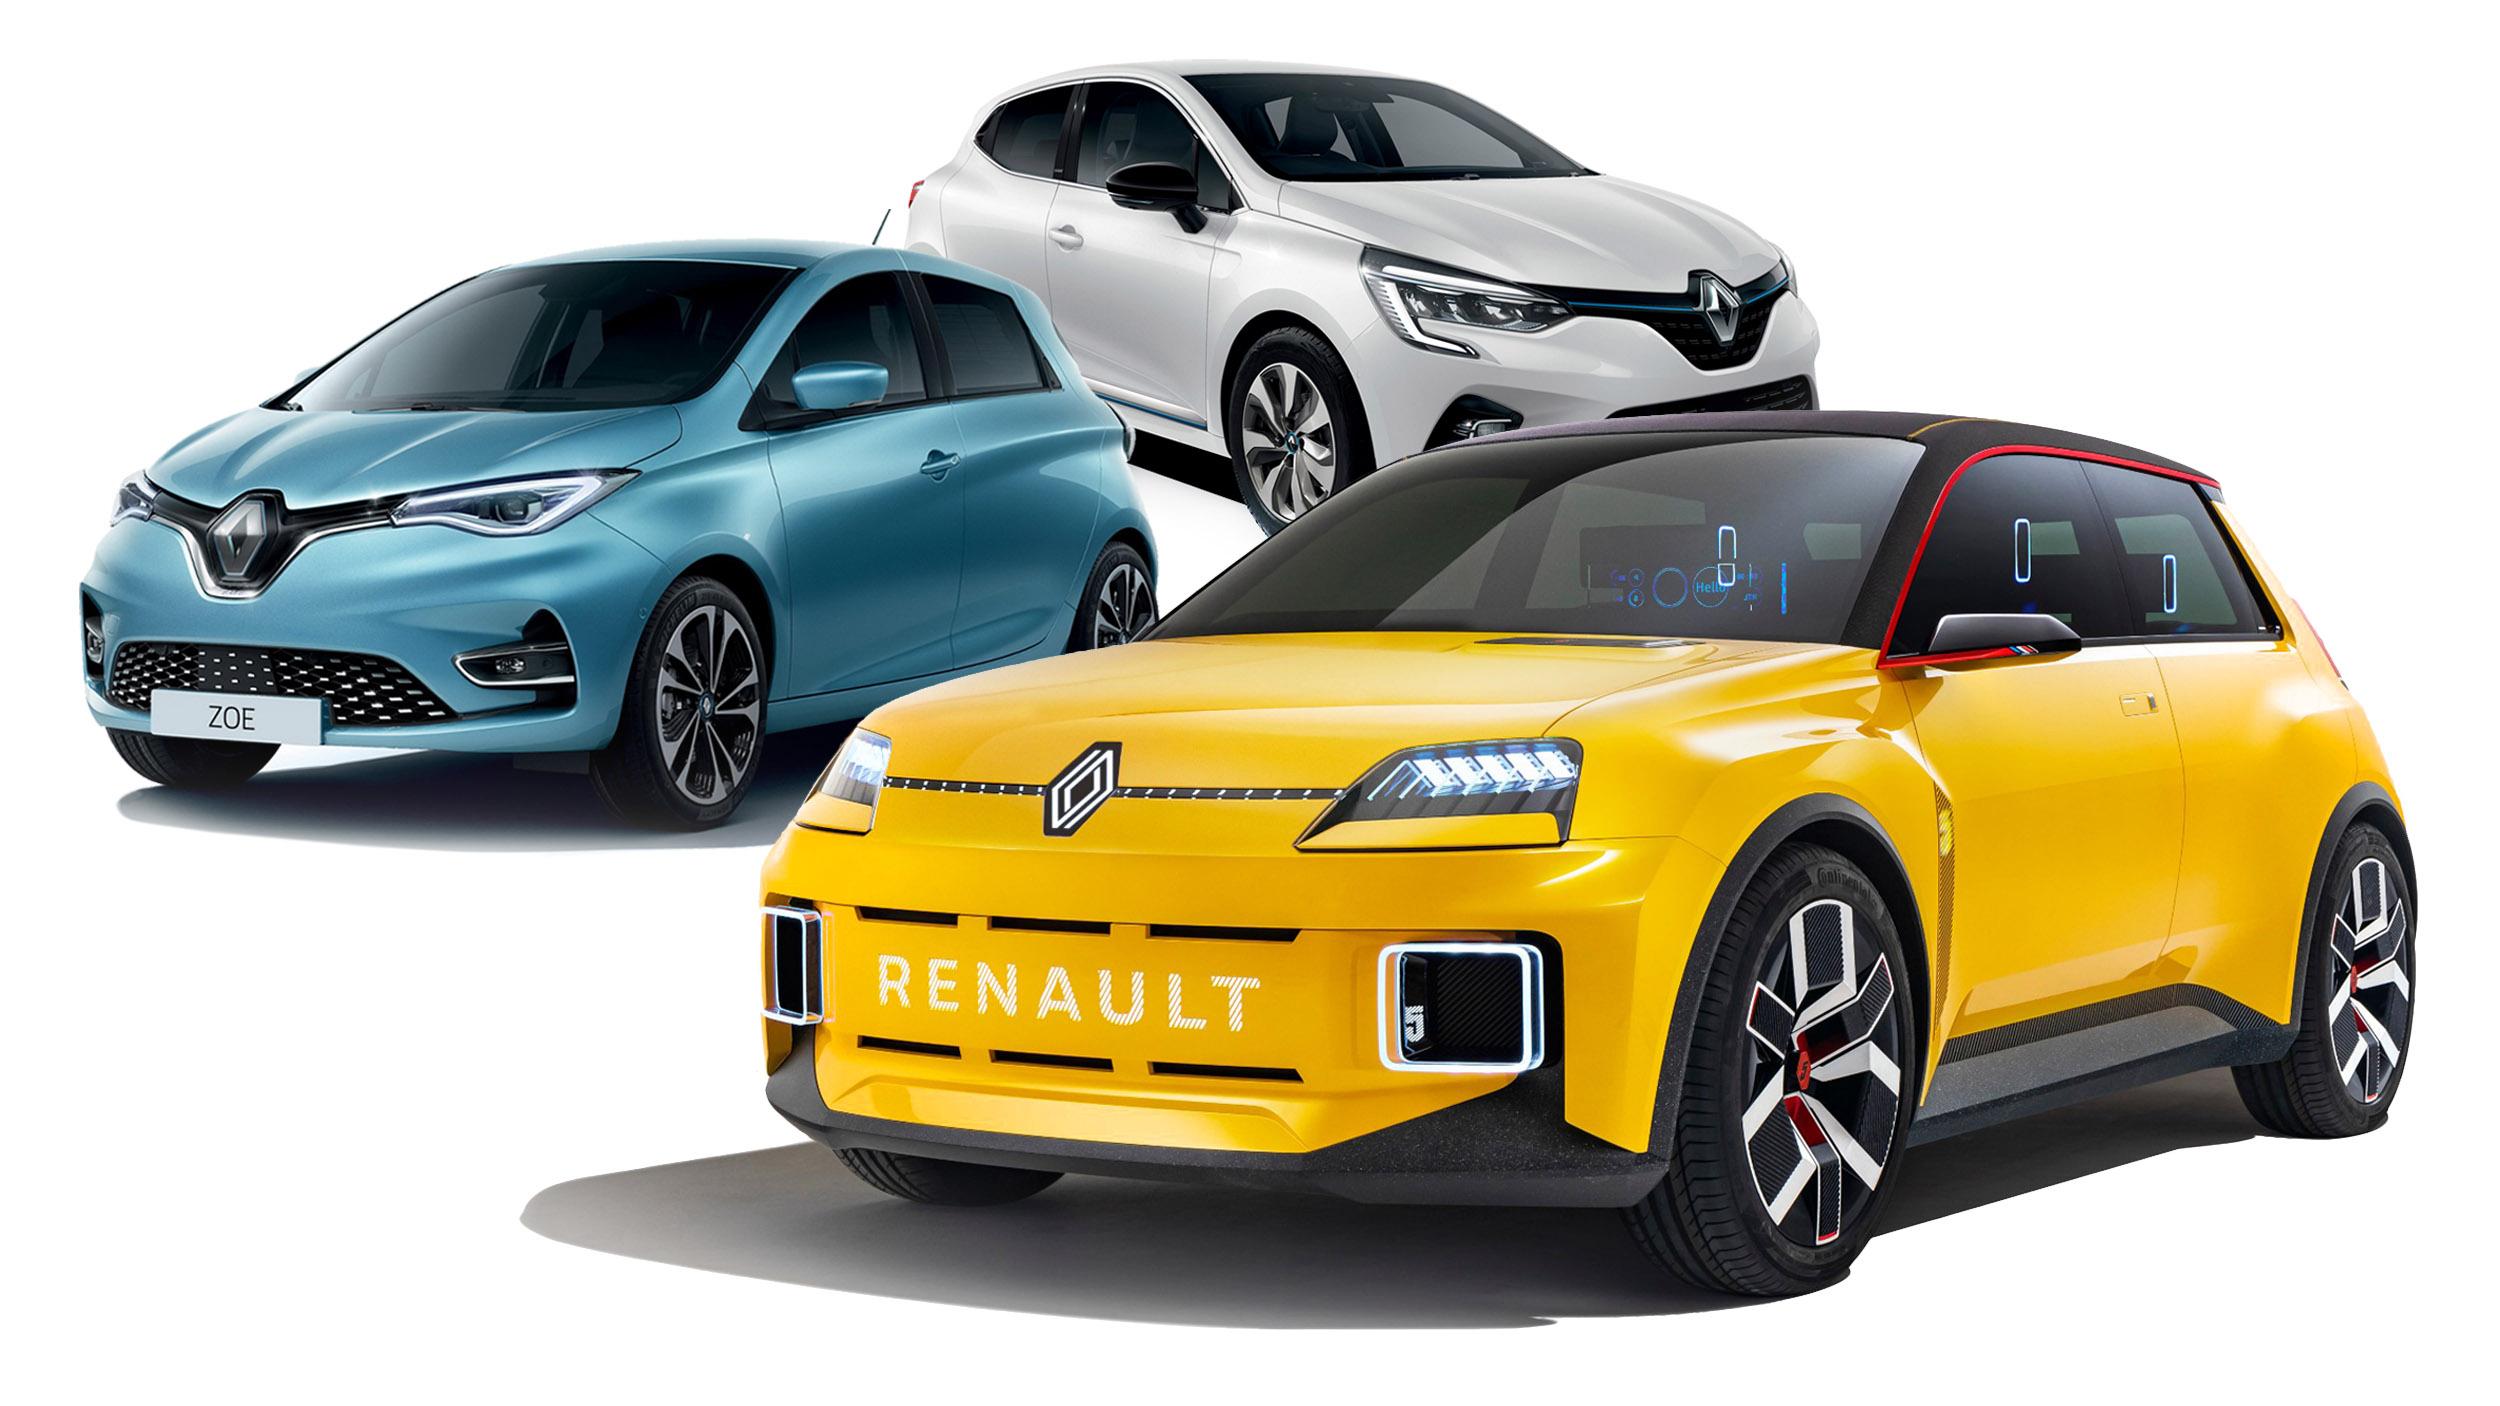 H Renault θέλει να διπλασιάσει τις πωλήσεις ηλεκτρικών και υβριδικών το 2021